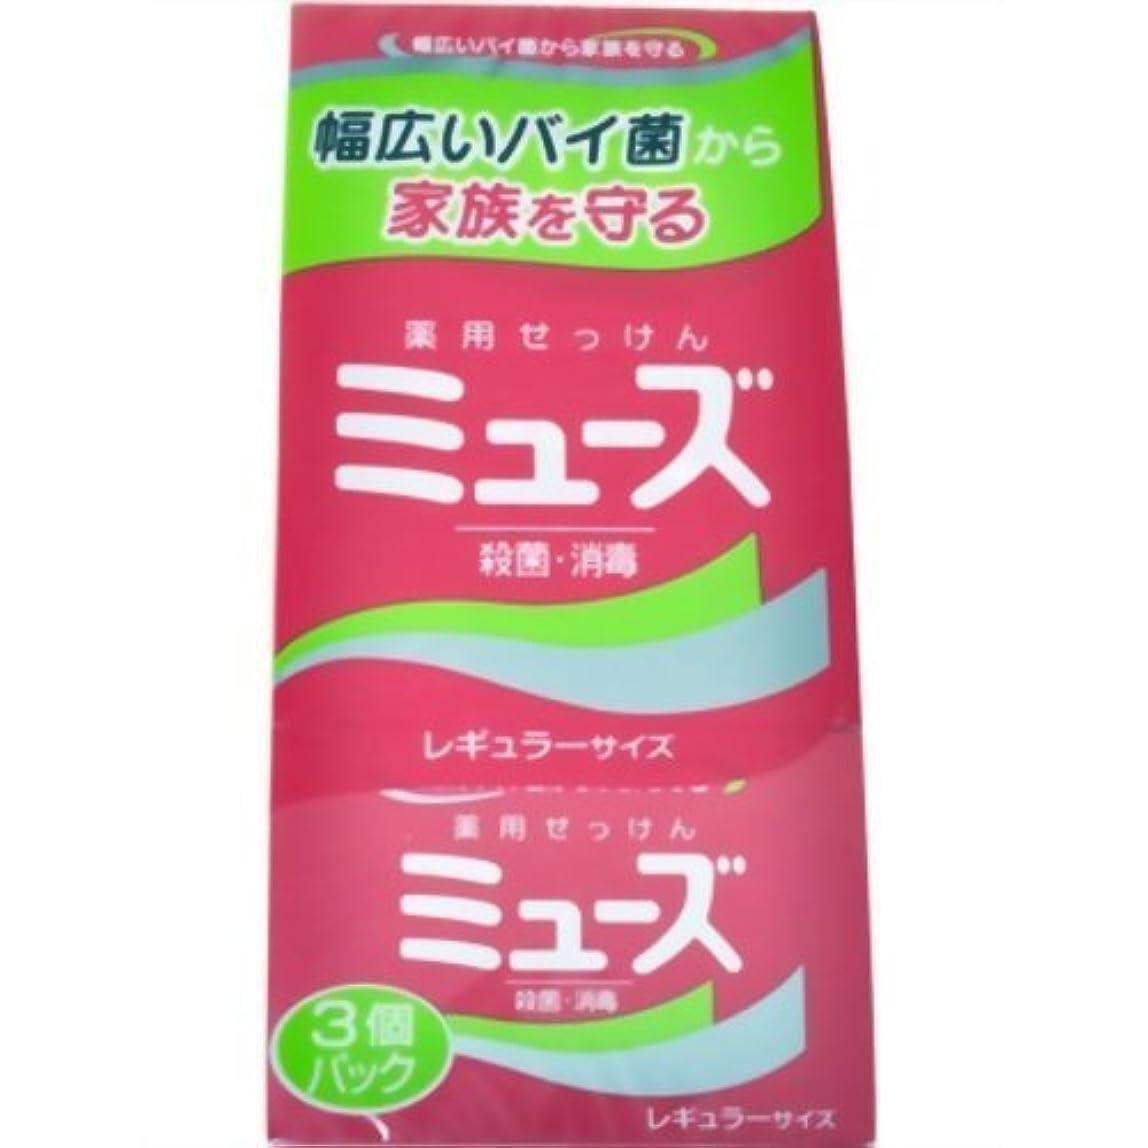 モスカッターランクミューズ石鹸 レギュラー 3P ×6個セット